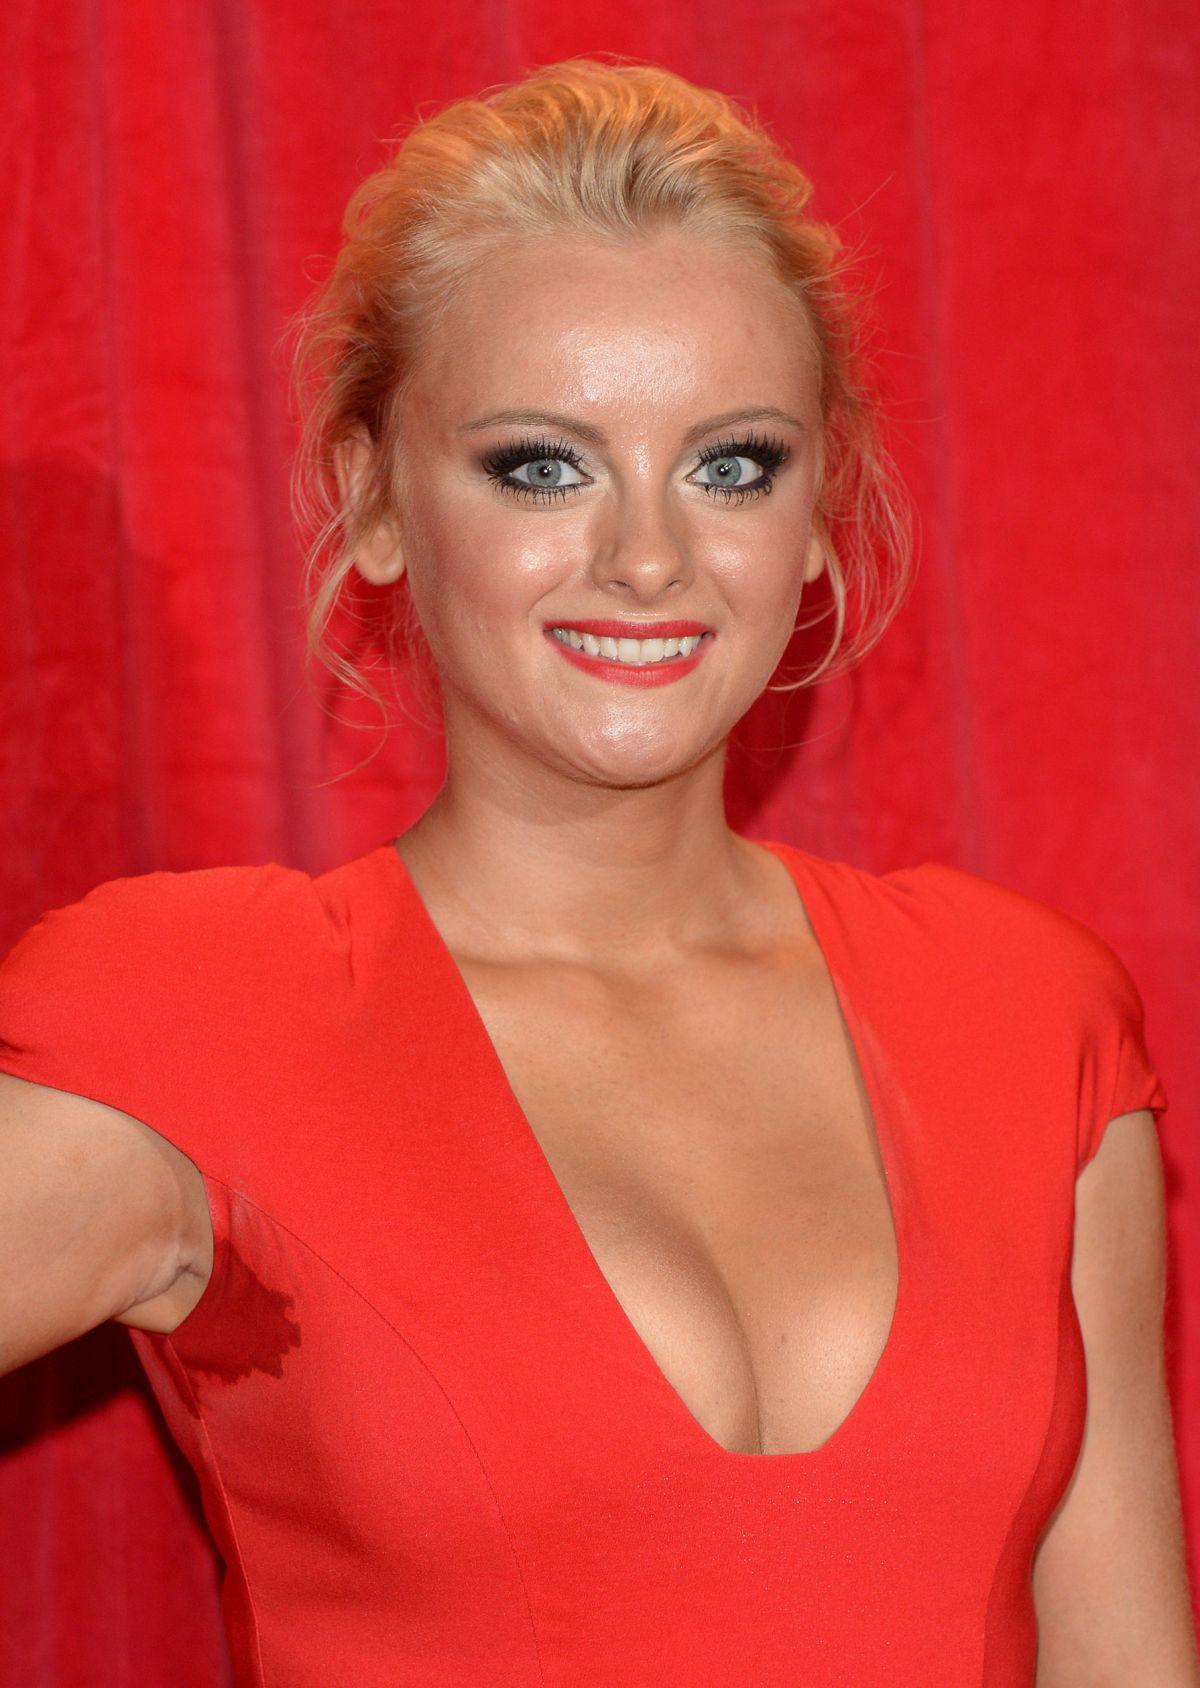 KATIE MCGLYNN at British Soap Awards 2014 in London